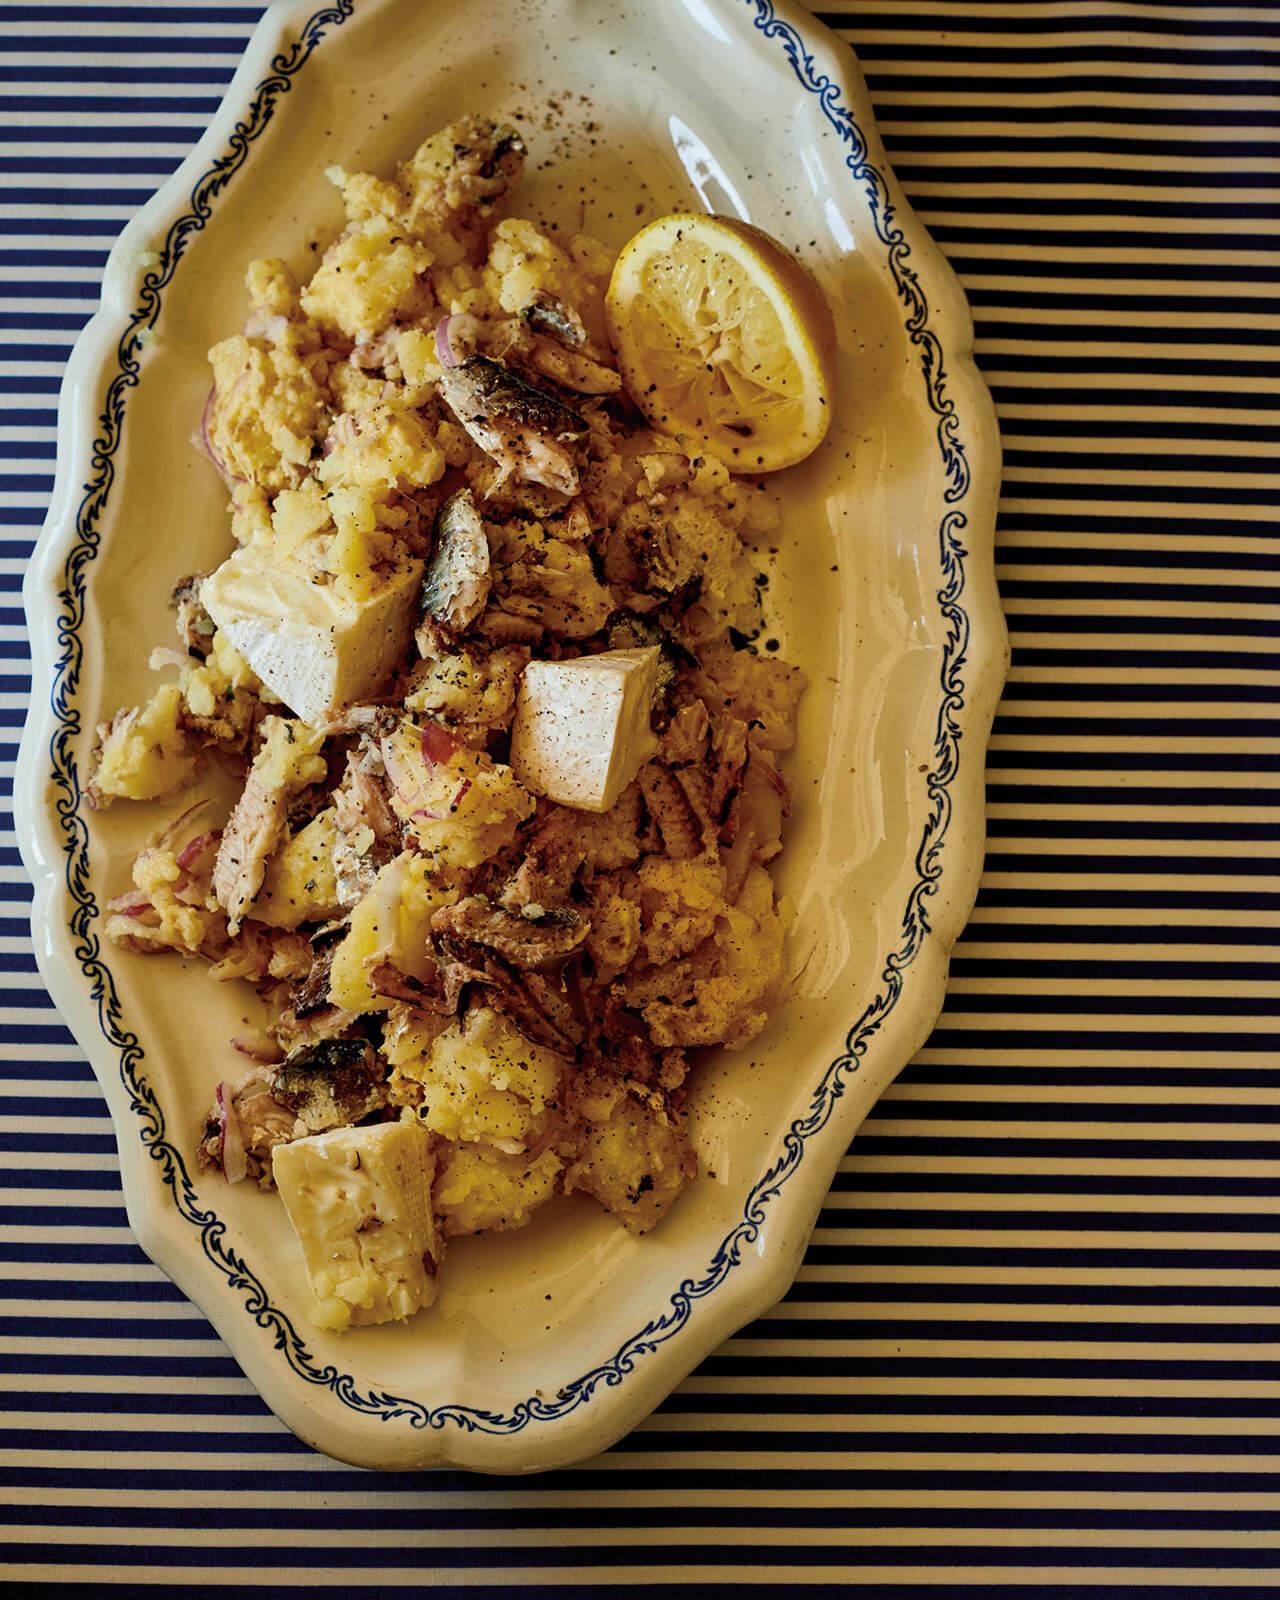 「オイルサーディンのカマンベールポテトサラダ」レシピ/ワタナベマキさん